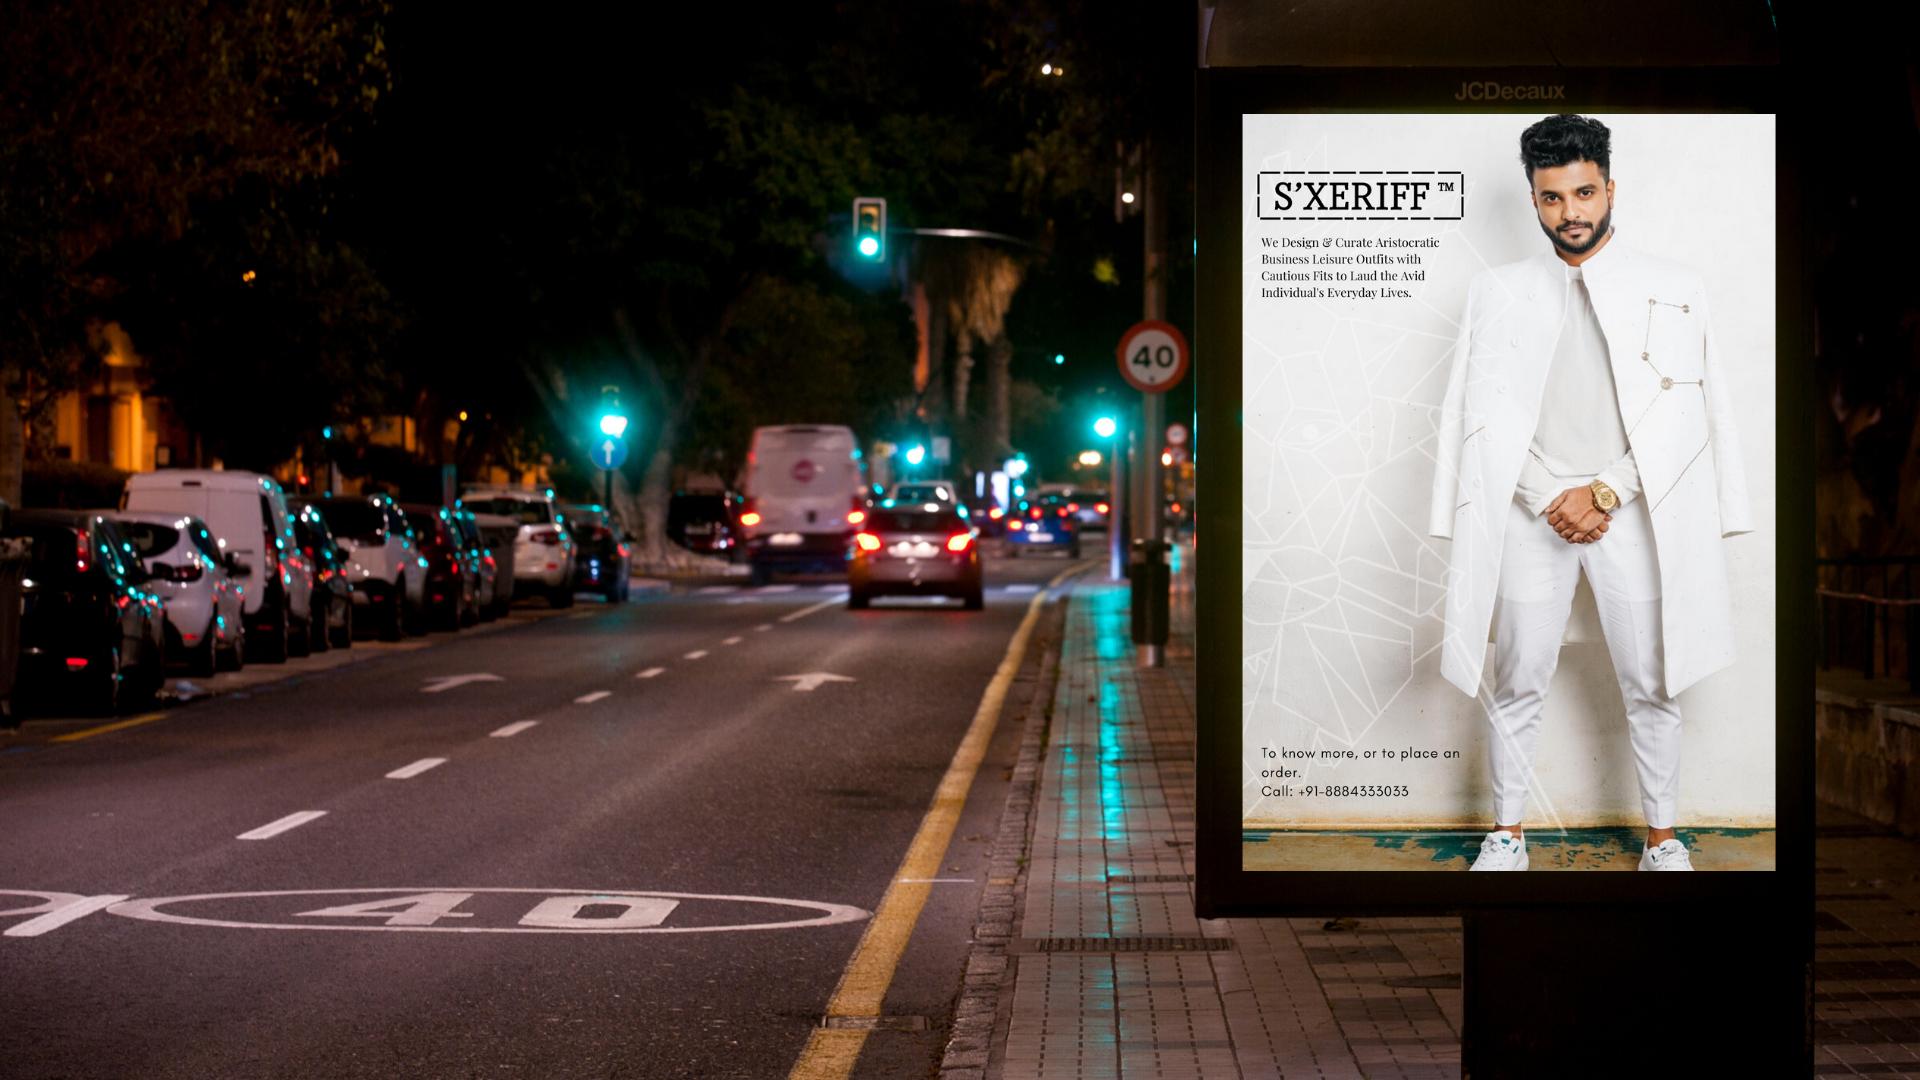 S'XERIFF Poster Sample 2